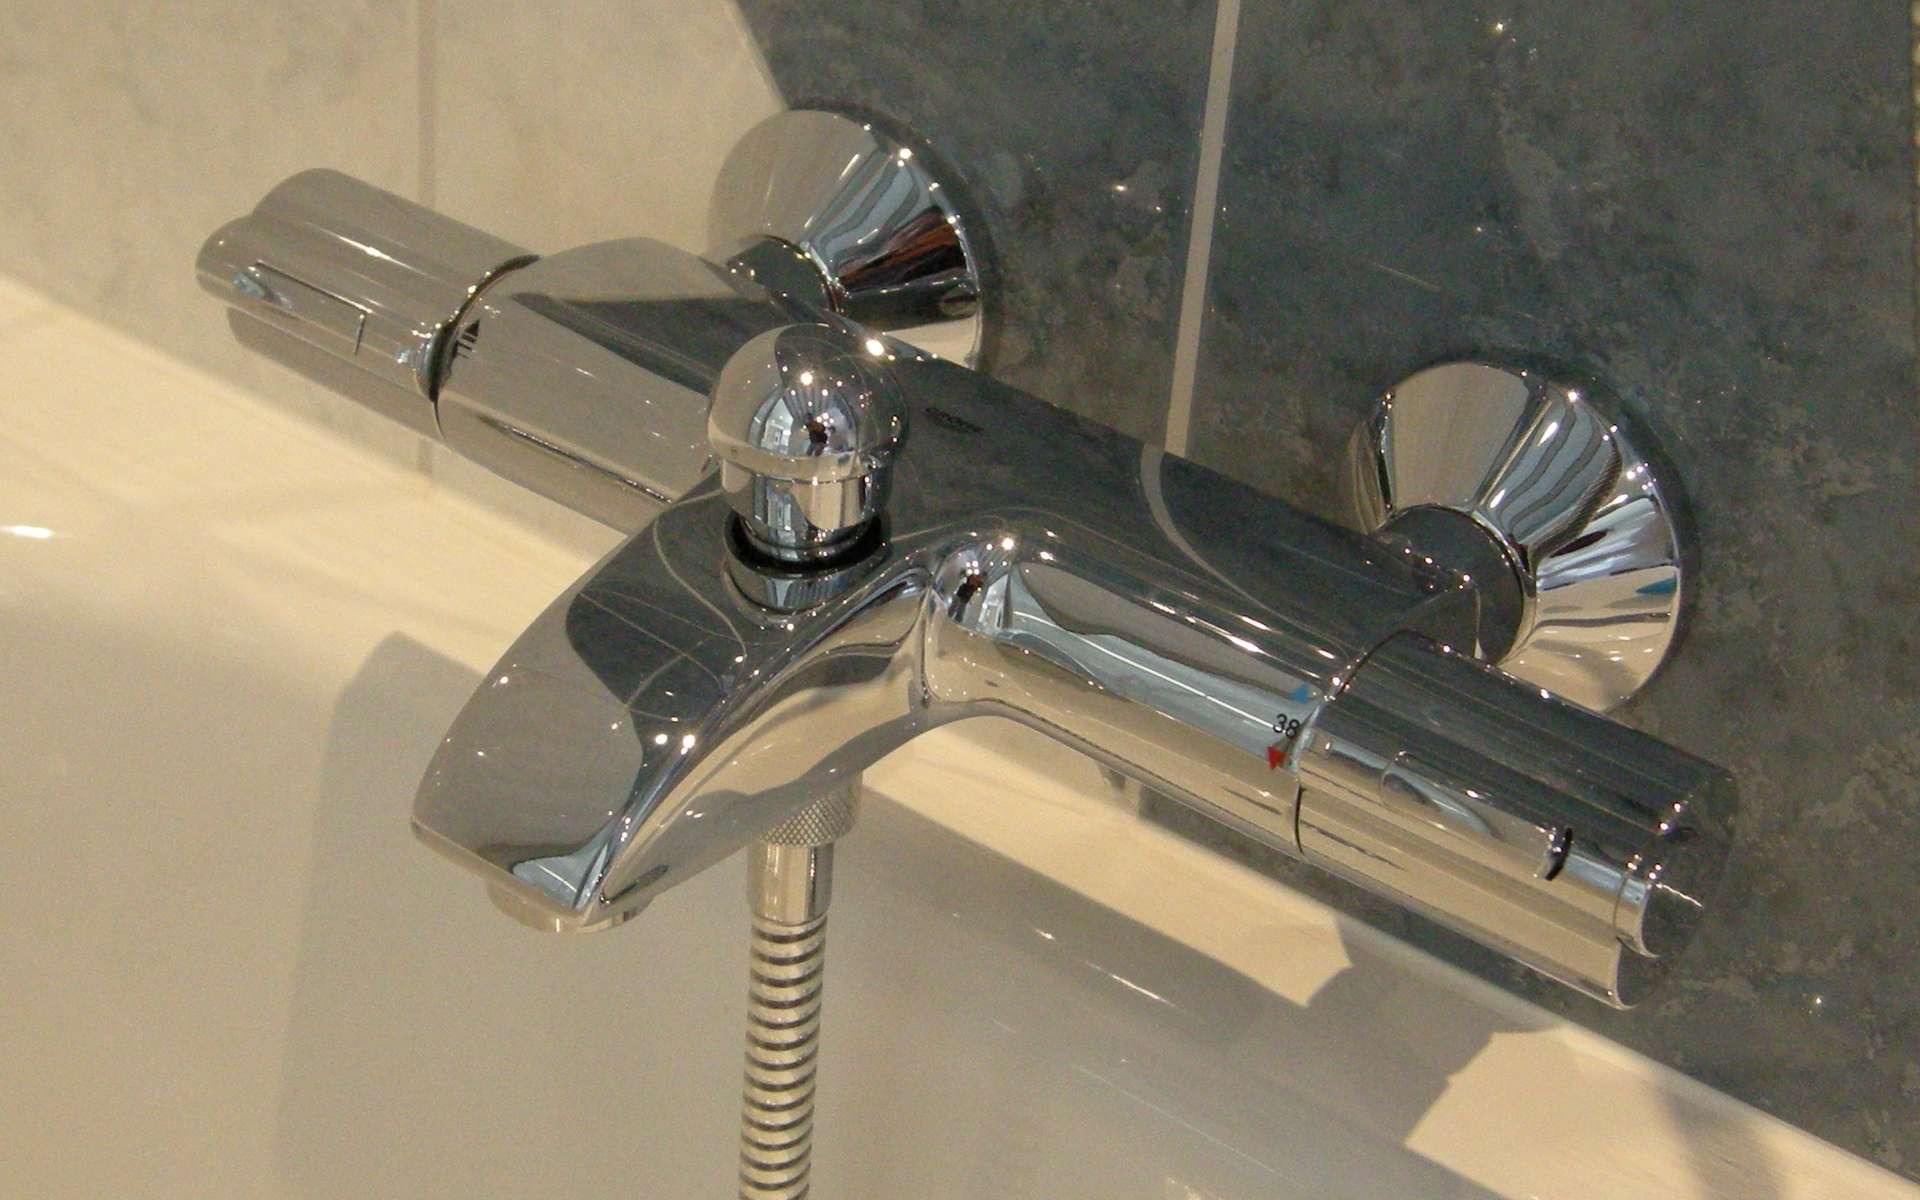 Le robinet thermostatique, à poser pour une baignoire, facilite les économies d'eau. © Philip Bosma, Wikimedia Commons, GNU Free Documentation License